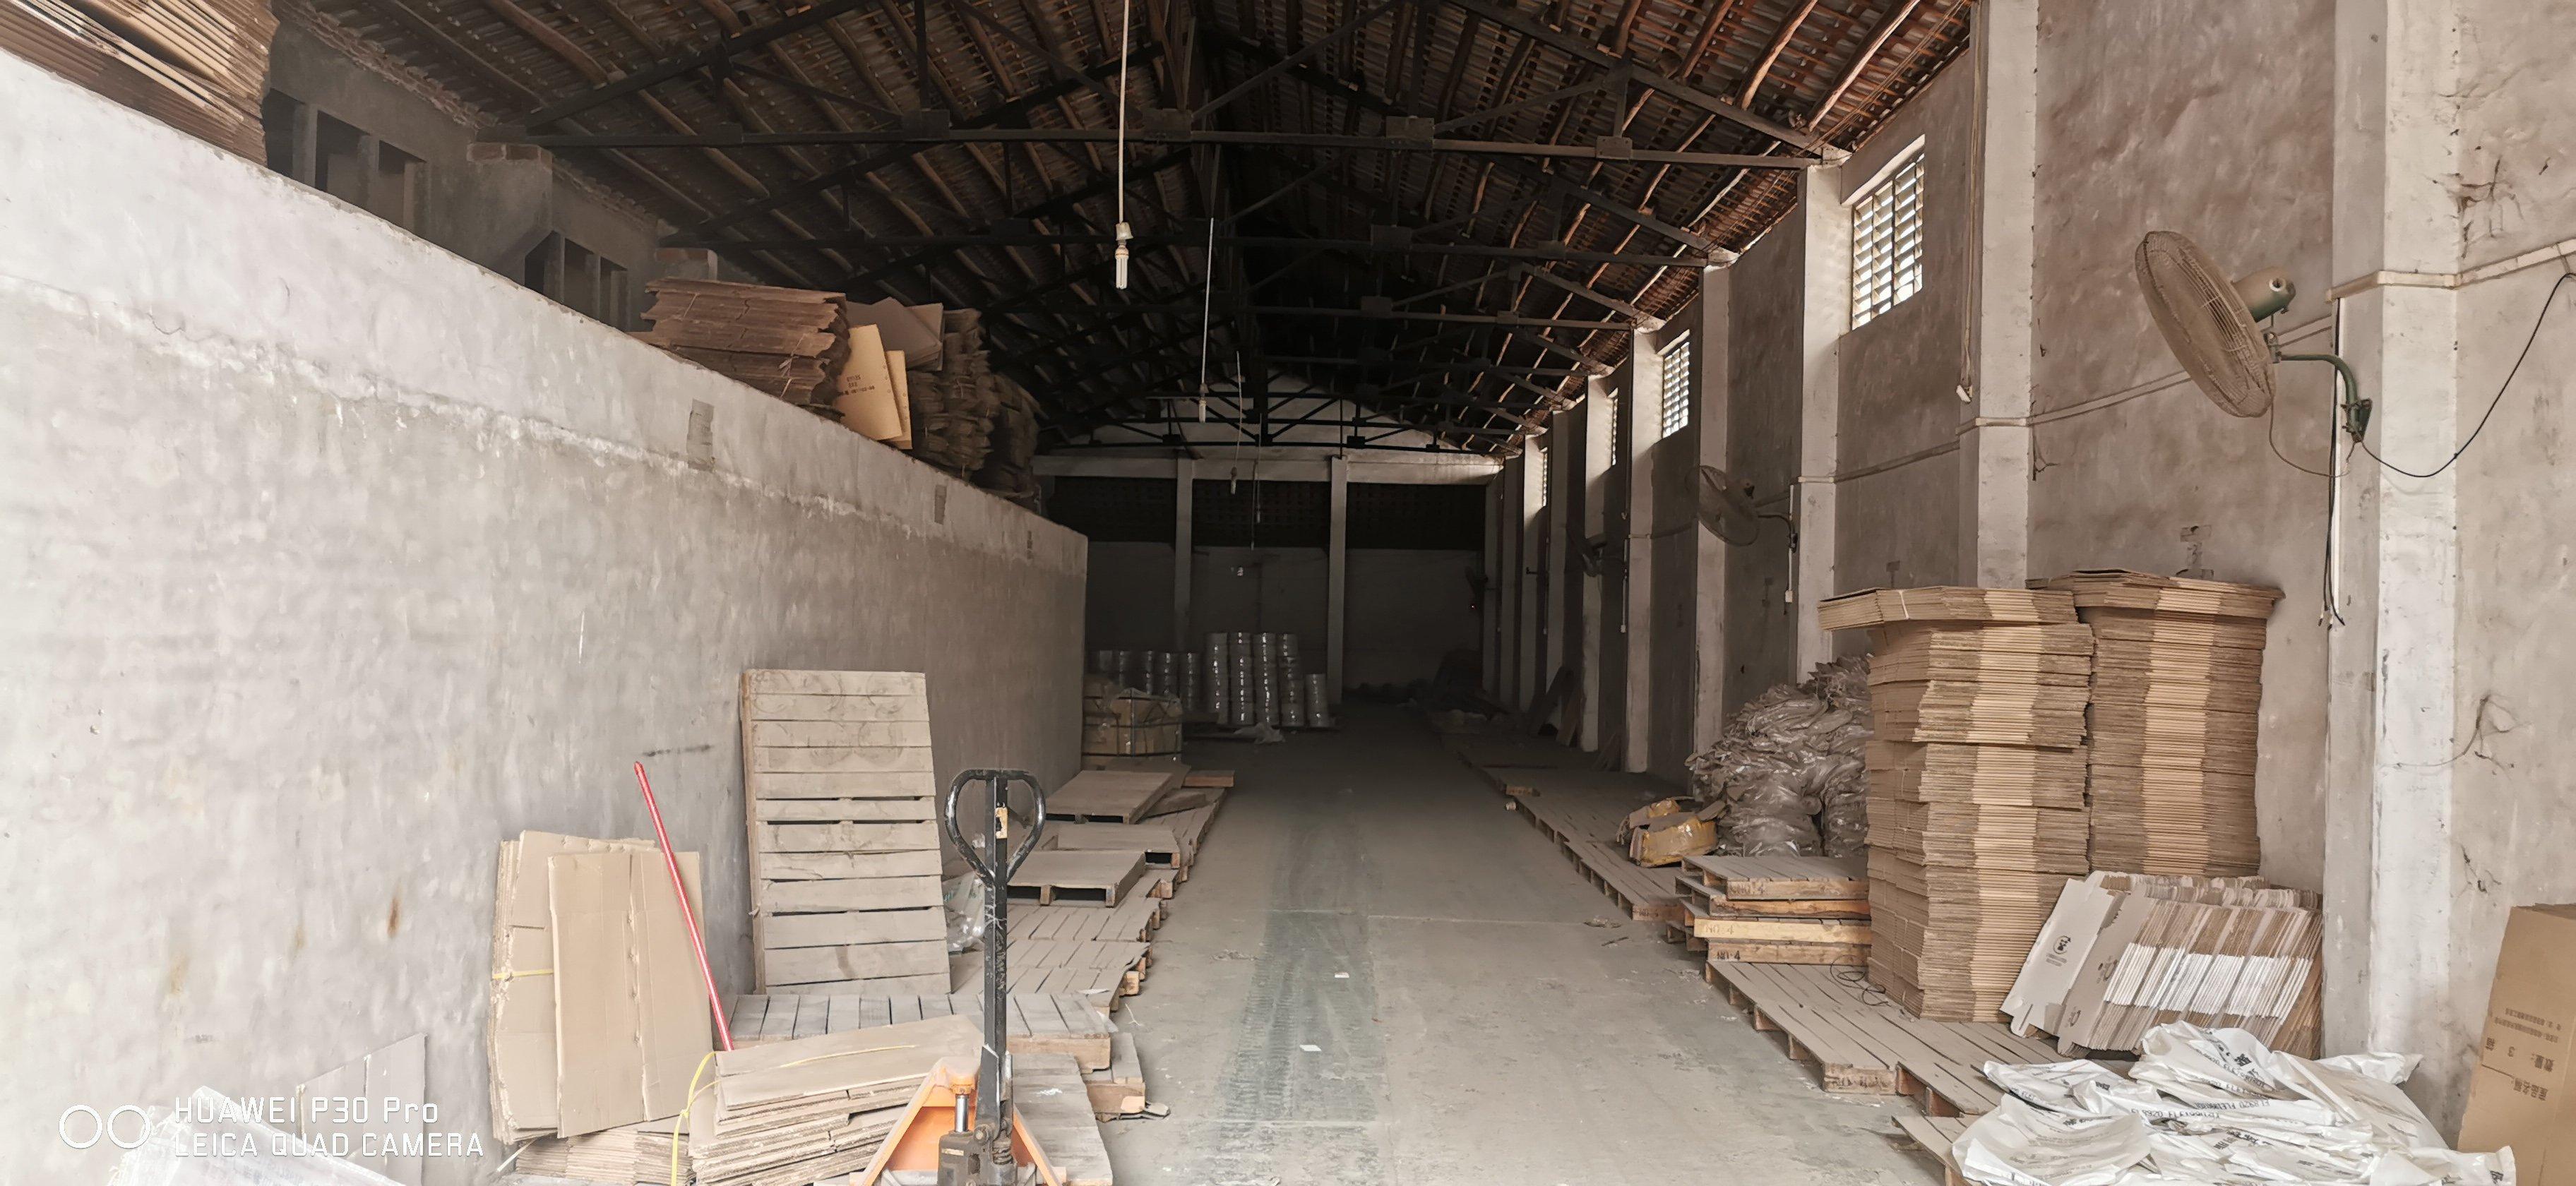 里水正规工业园区厂房出租350方原房东